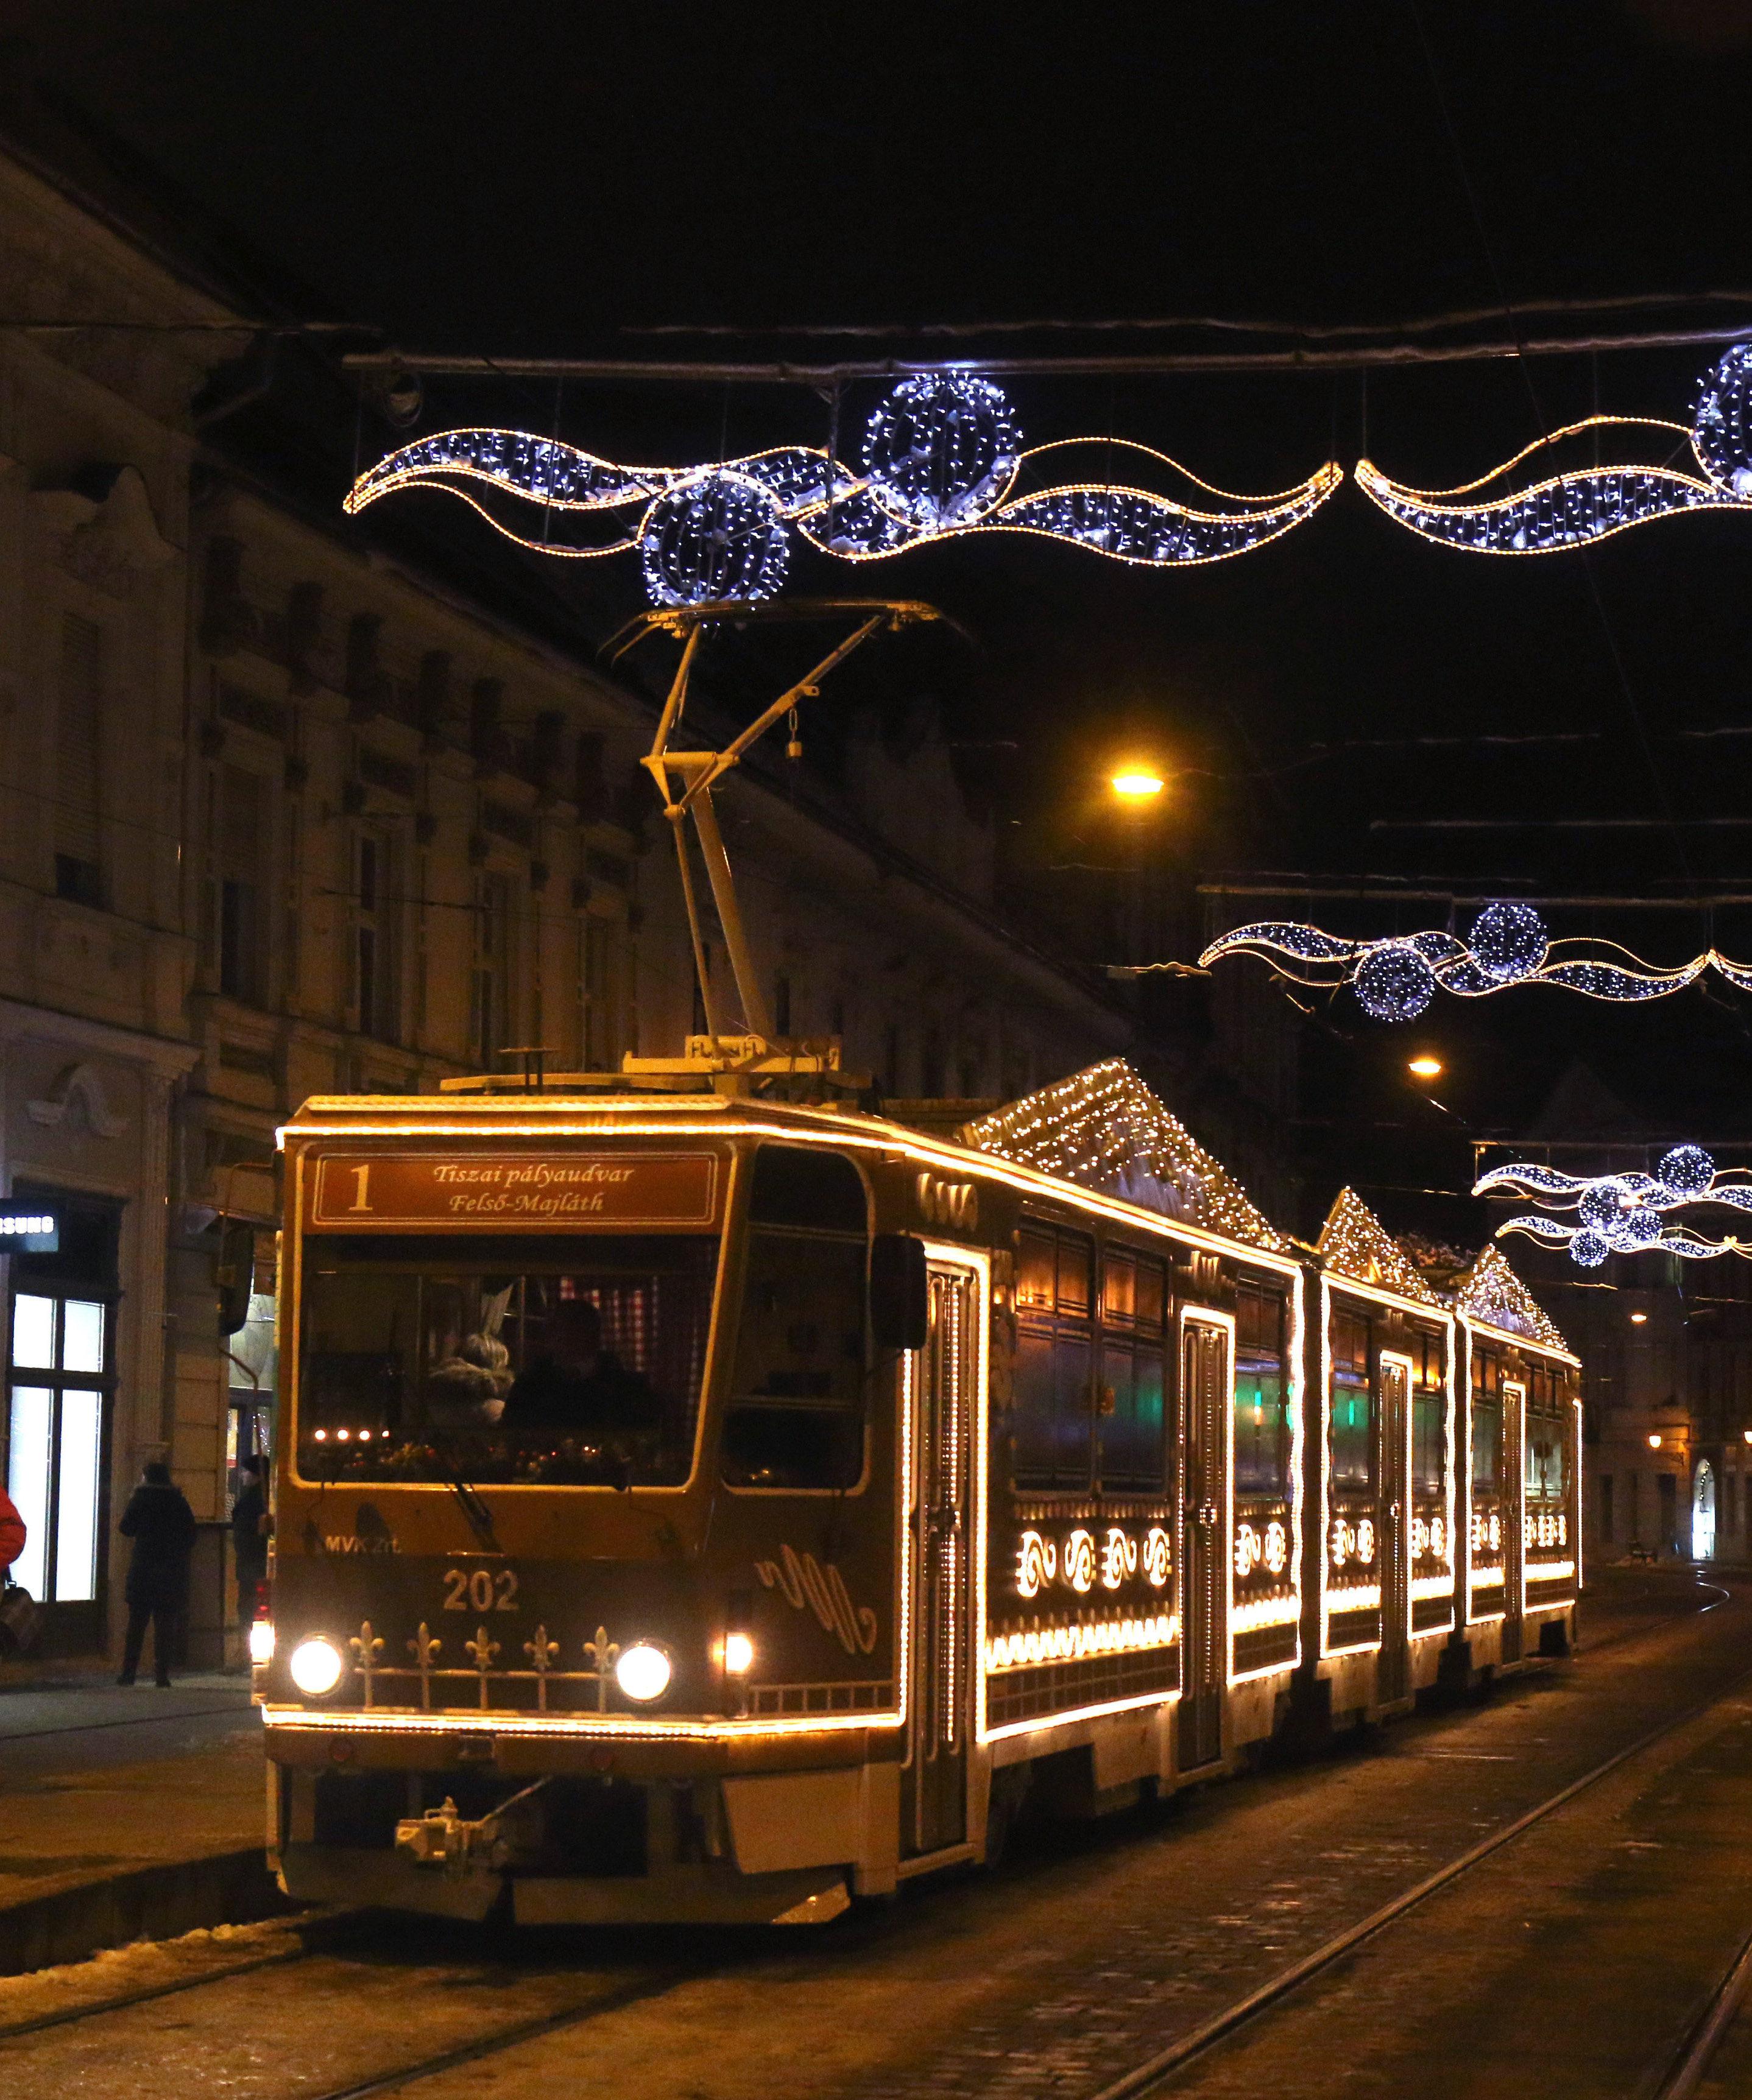 Miskolc, 2019. december 6. A Miskolc Városi Közlekedési Zrt. fényfüzérekkel feldíszített villamosa a miskolci Széchenyi utcán 2019. december 6-án. Az adventi villamosok január 6-ig, vízkeresztig közlekednek. MTI/Vajda János